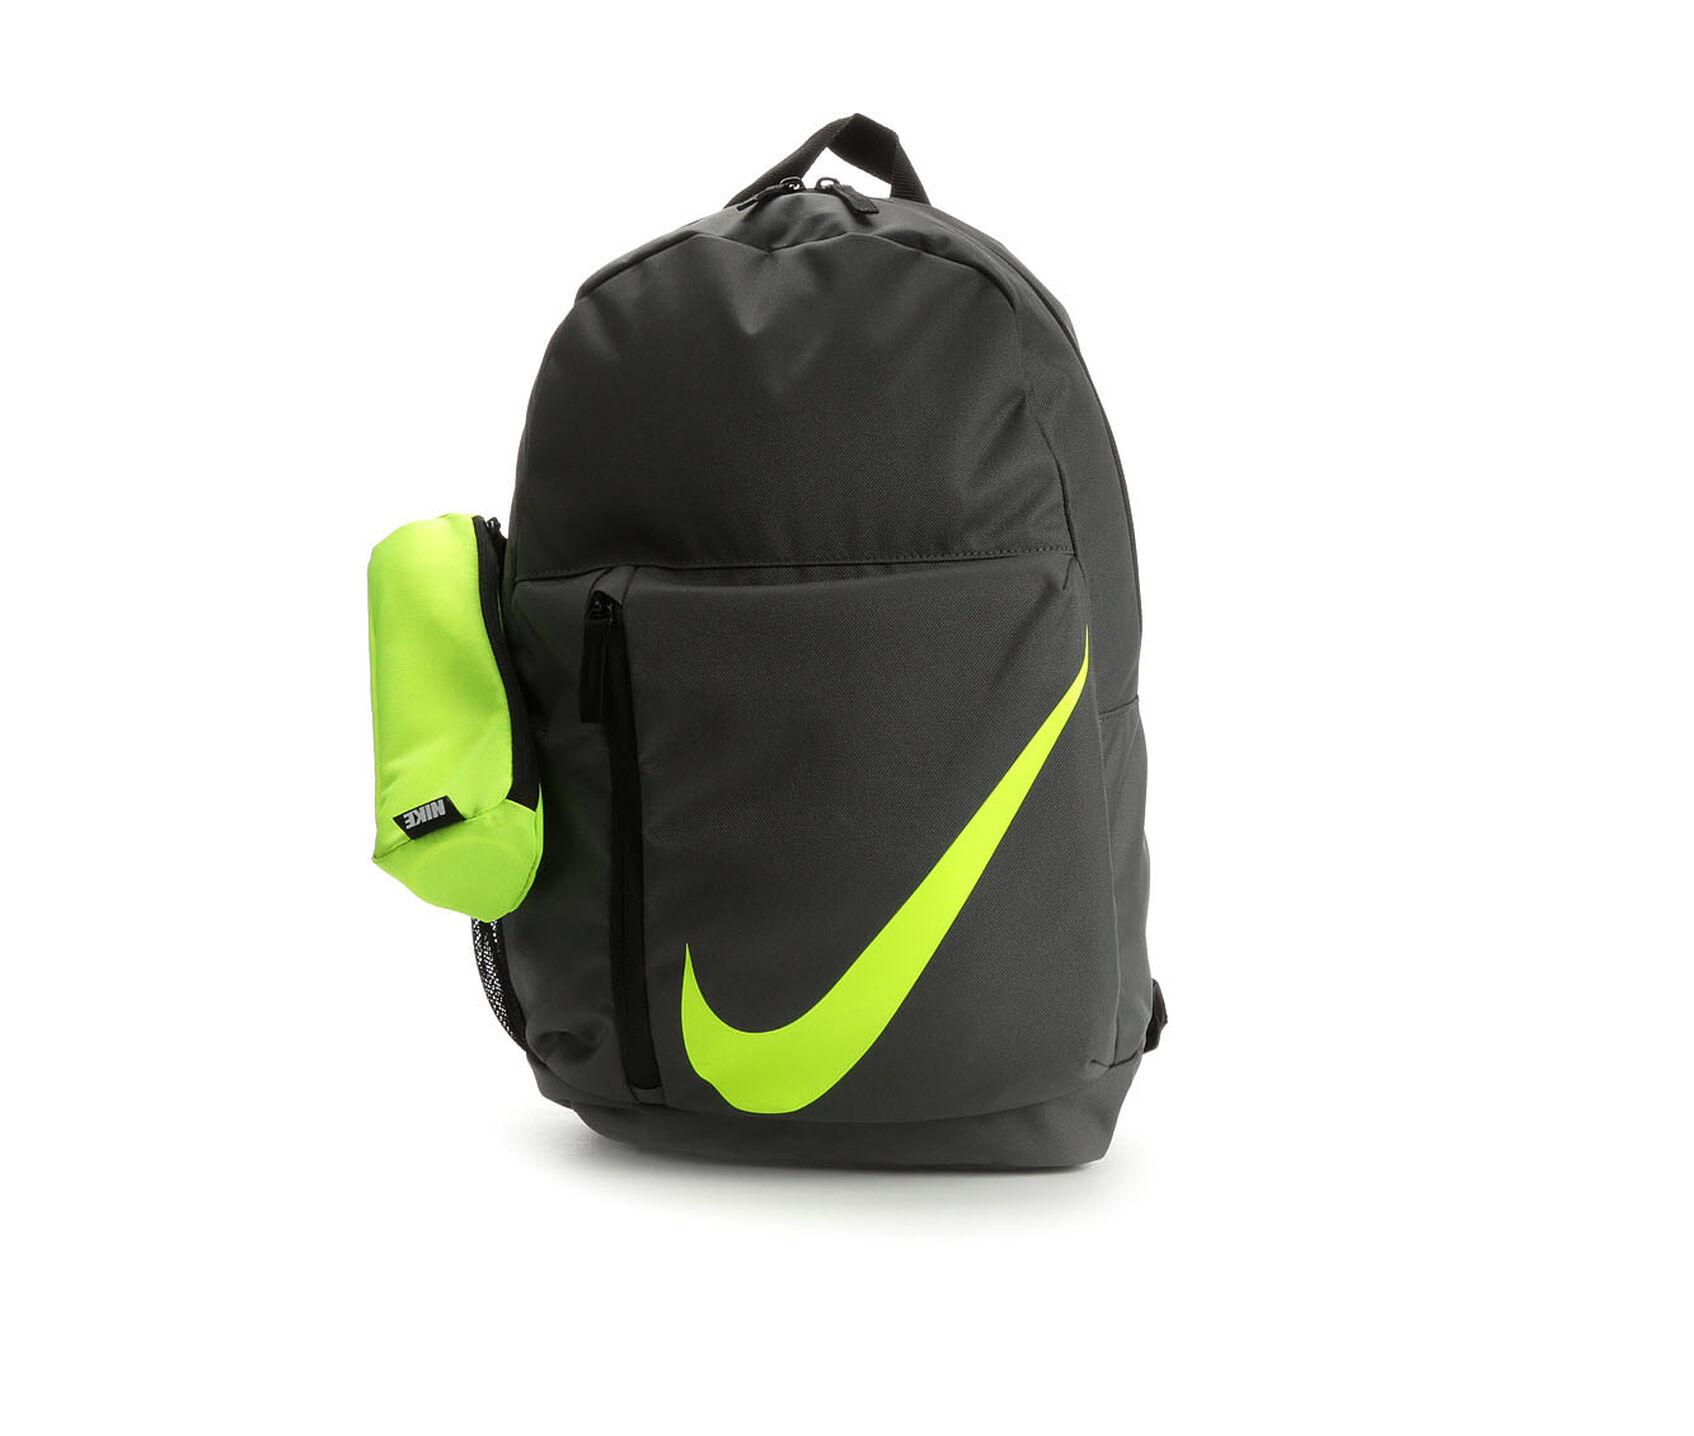 2ae48979d7 Nike Elemental Backpack